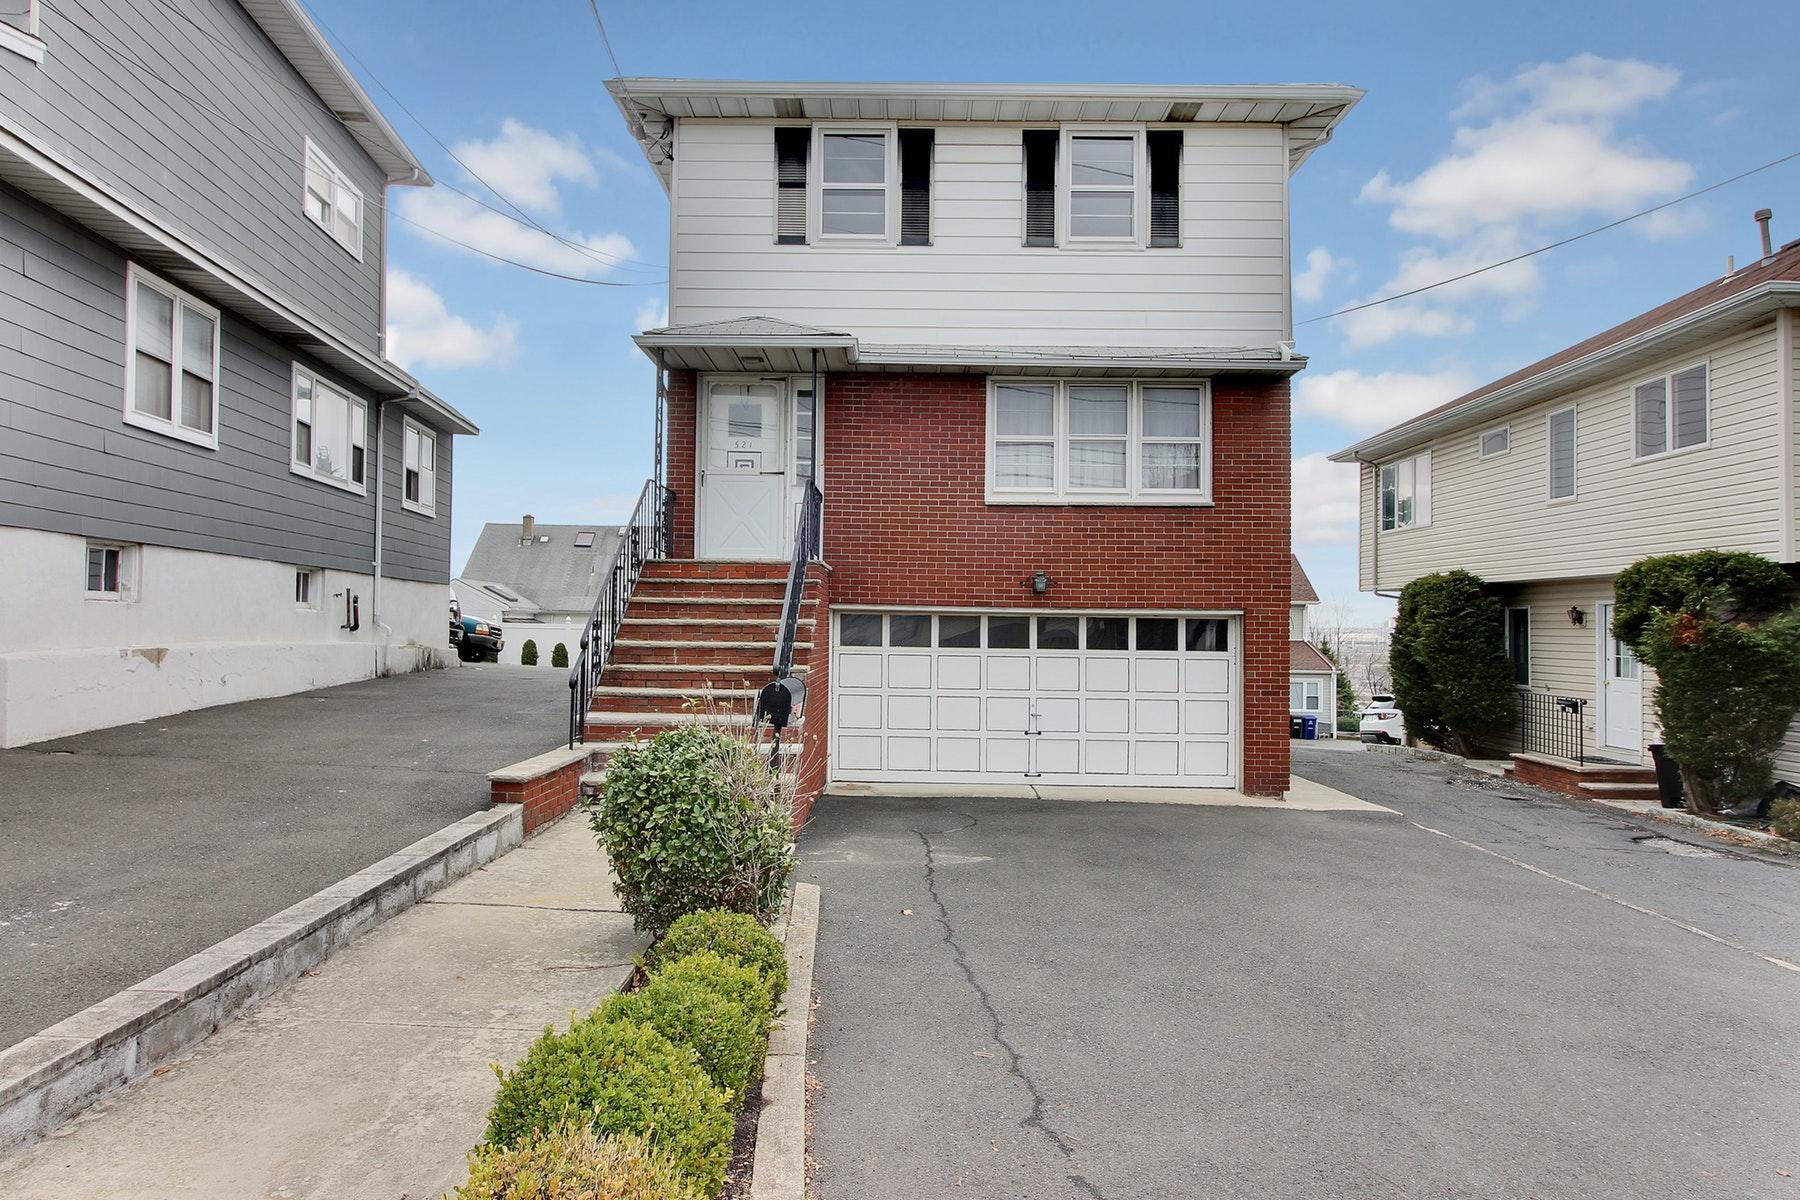 Μονοκατοικία για την Πώληση στο 521 Hackensack Street Carlstadt, Νιου Τζερσεϋ 07072 Ηνωμενεσ Πολιτειεσ